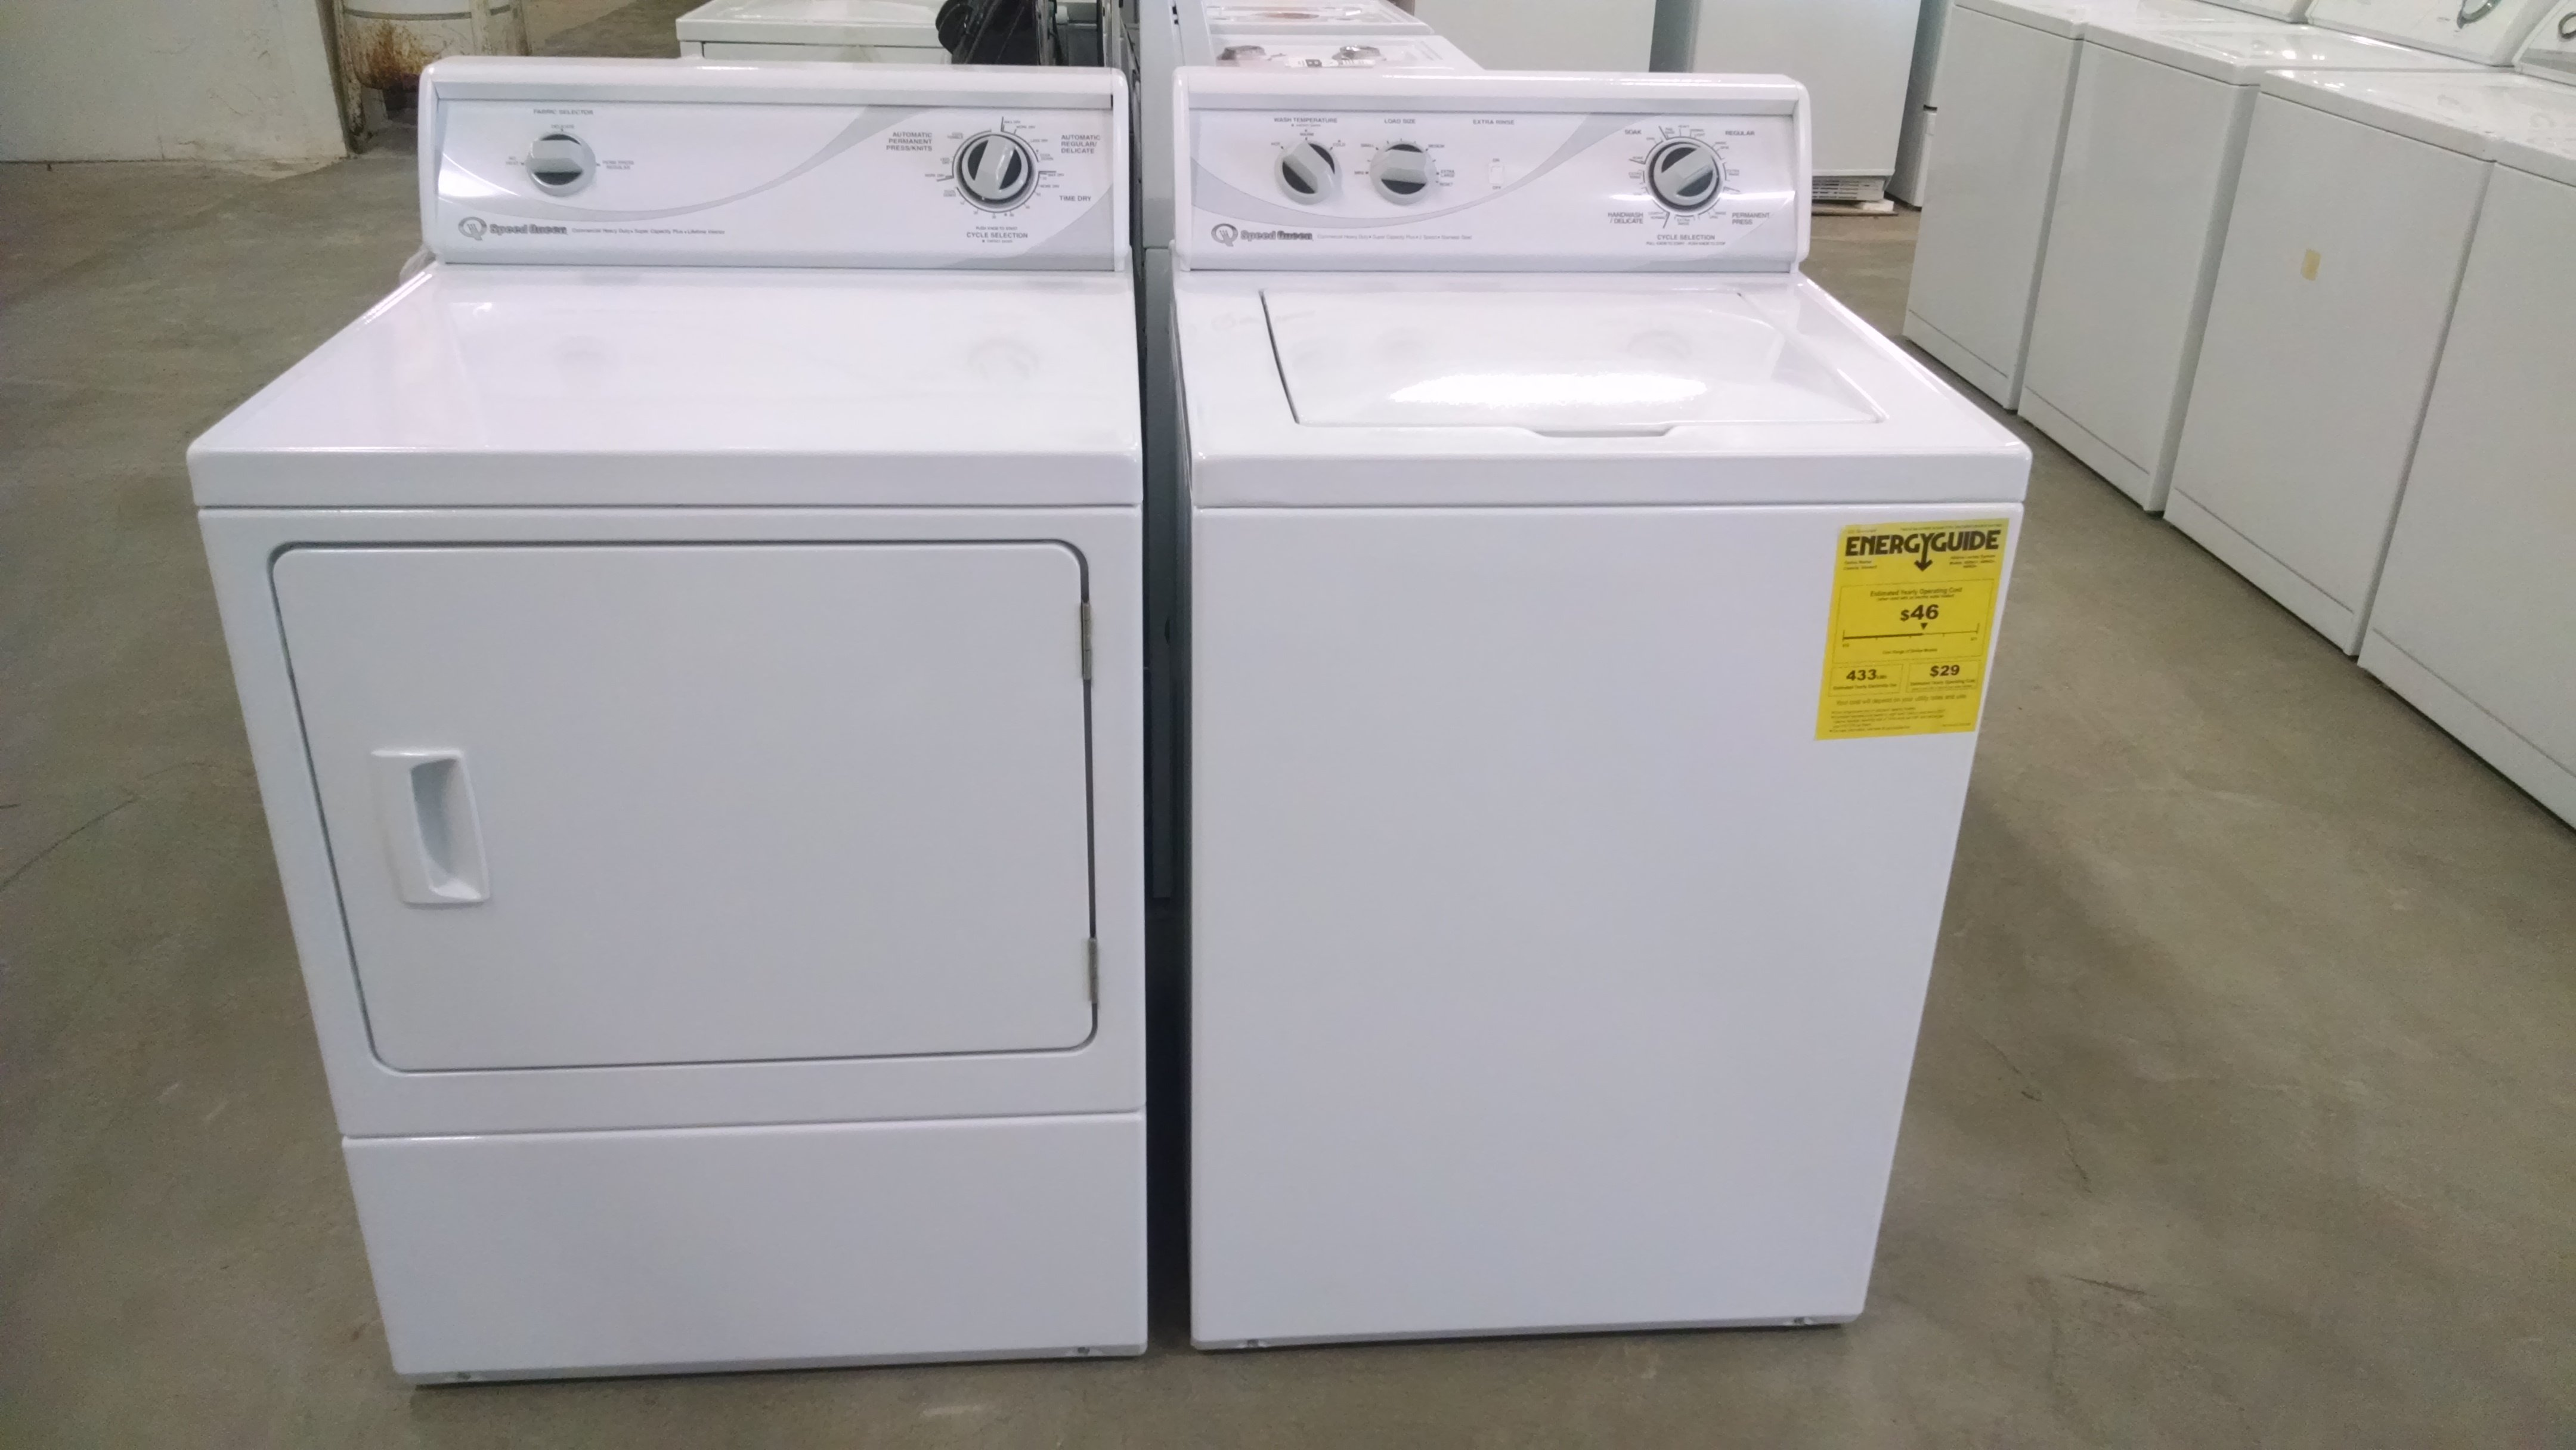 Speed Queen washer dryer set